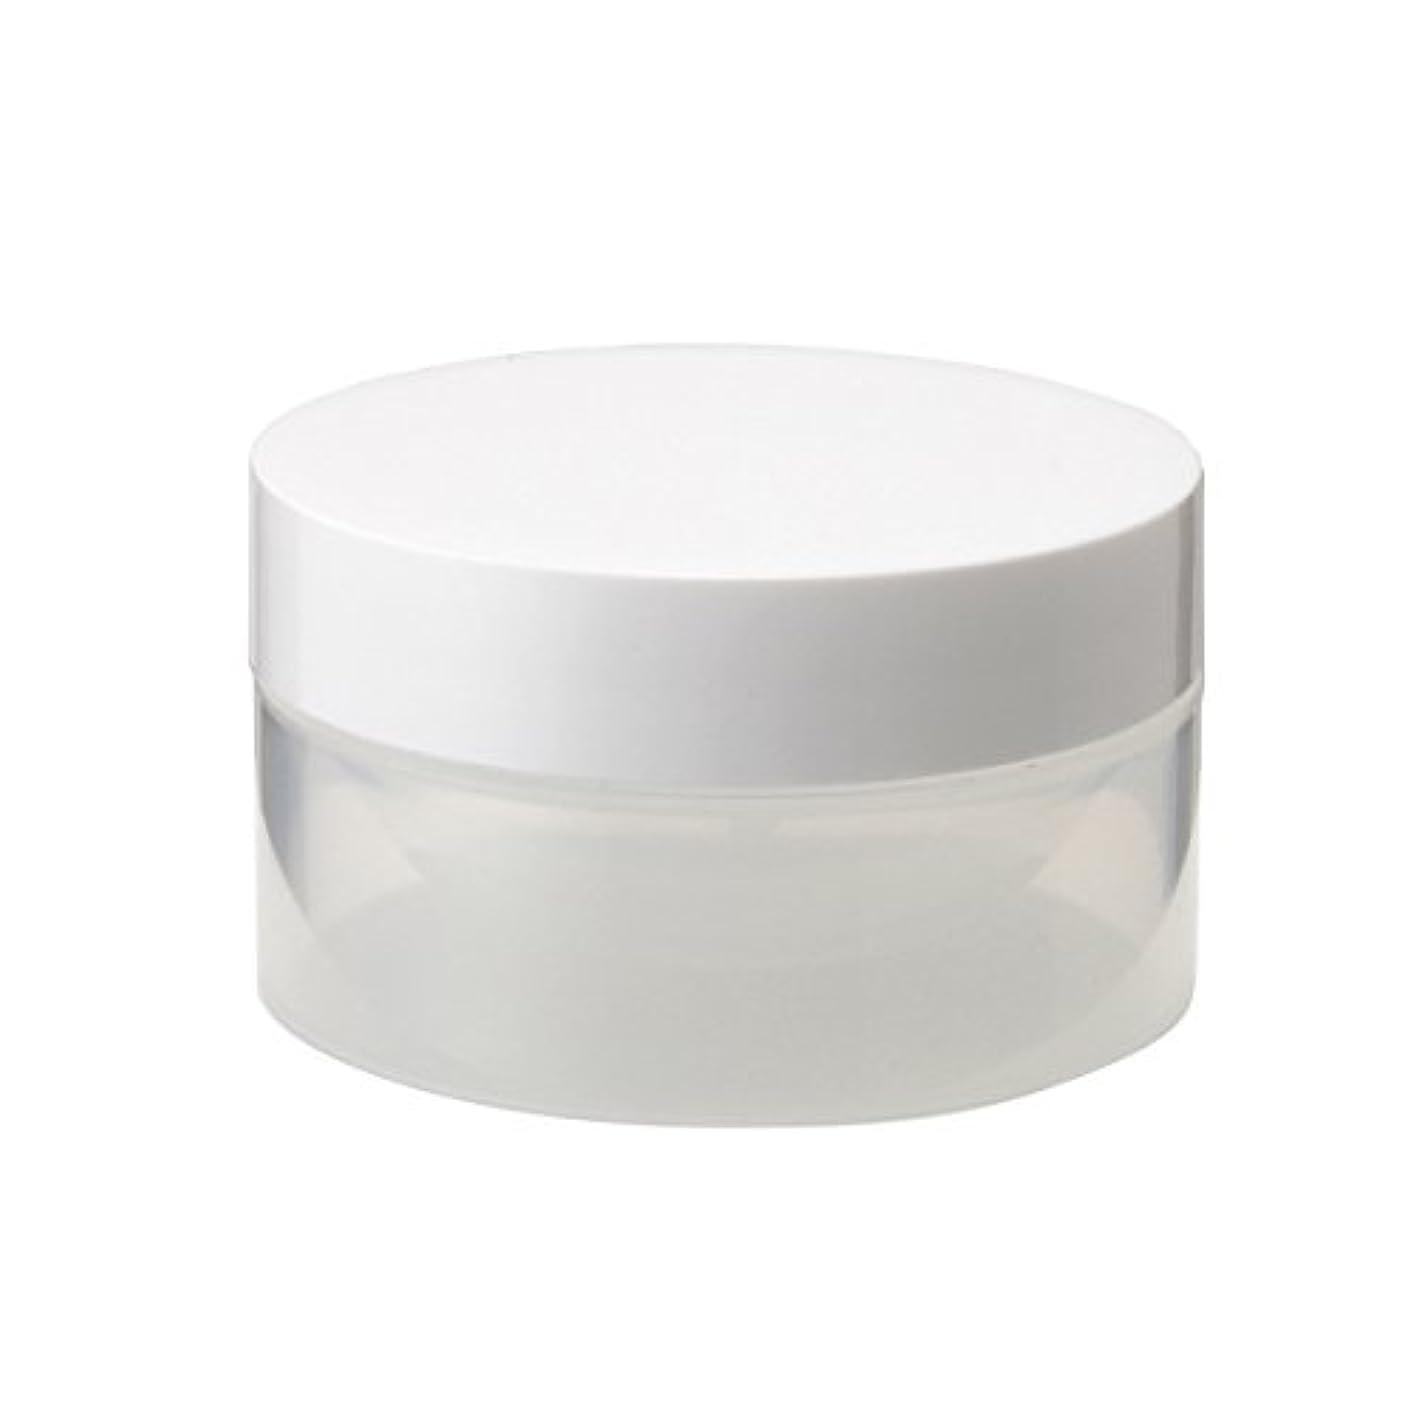 解明するポインタストッキングクリーム容器 10g (プラスチック) [ クリームジャー クリームケース クリーム用容器 化粧品容器 空容器 小分け容器 キャップ付き 小分け 詰替え クリーム ケース ボトル 容器 ]